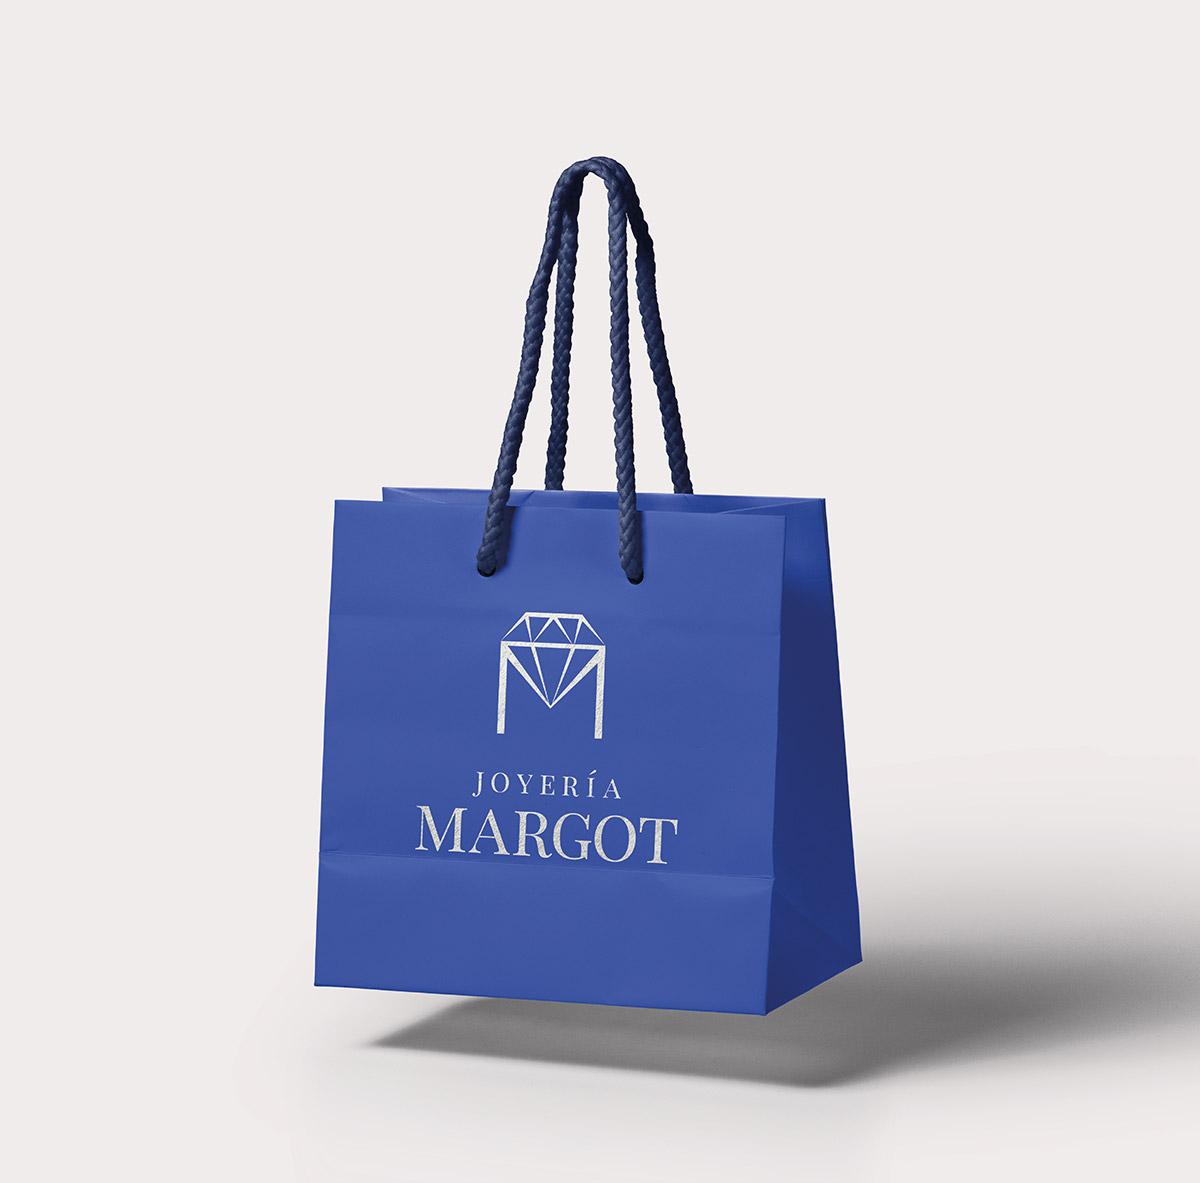 Bolsa con logotipo aplicado para Joyería Margot